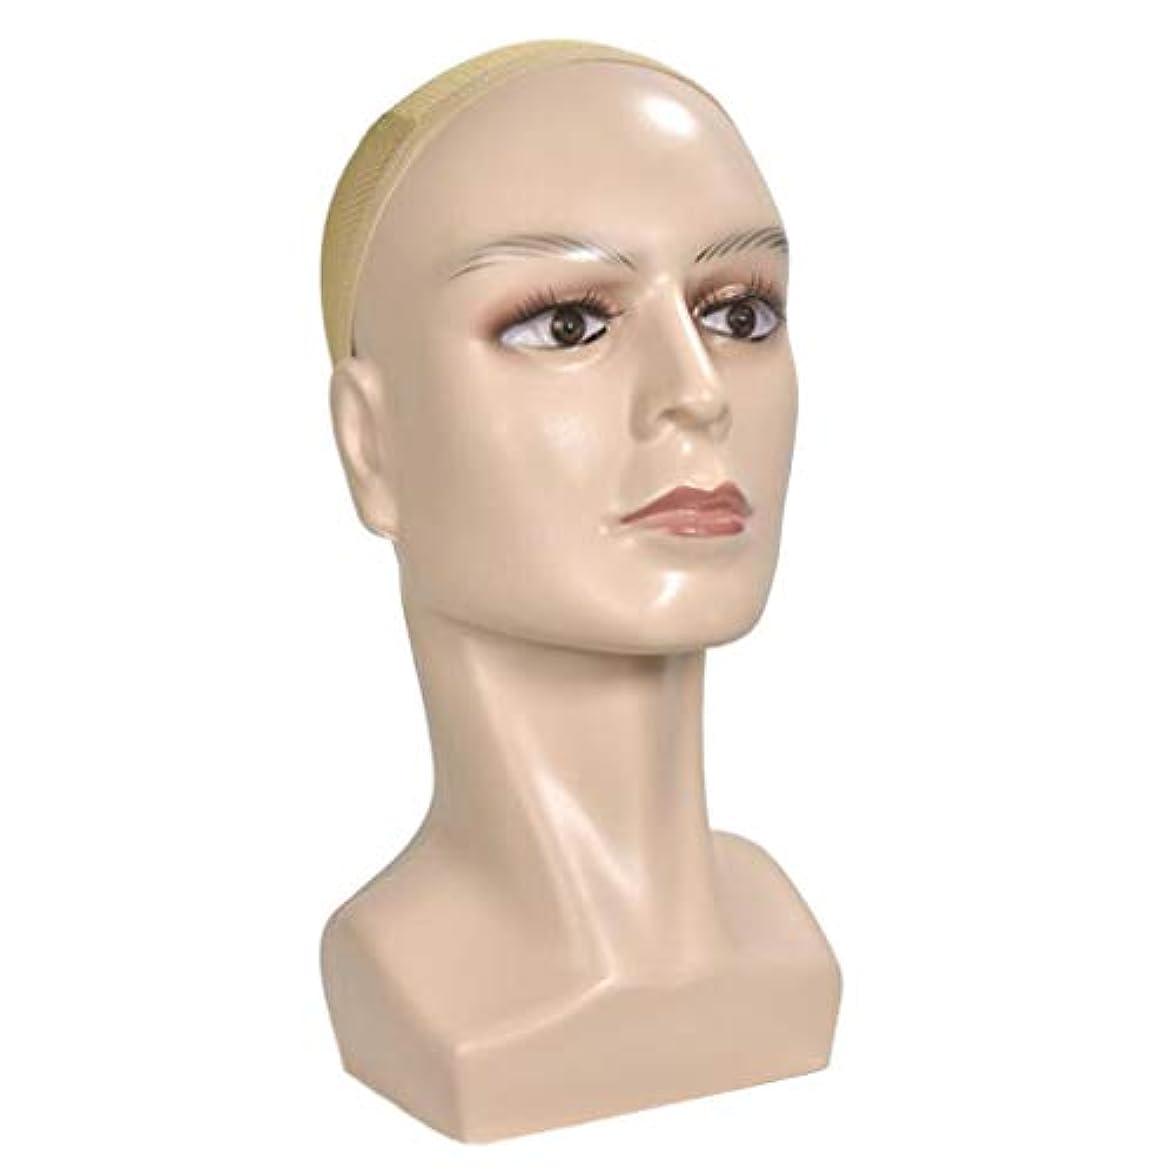 探検音節ラインCUTICATE マネキンヘッド ディスプレイ メイクトレーニング 化粧 美容 店舗 自宅 サロン 全2色 - 肌の色